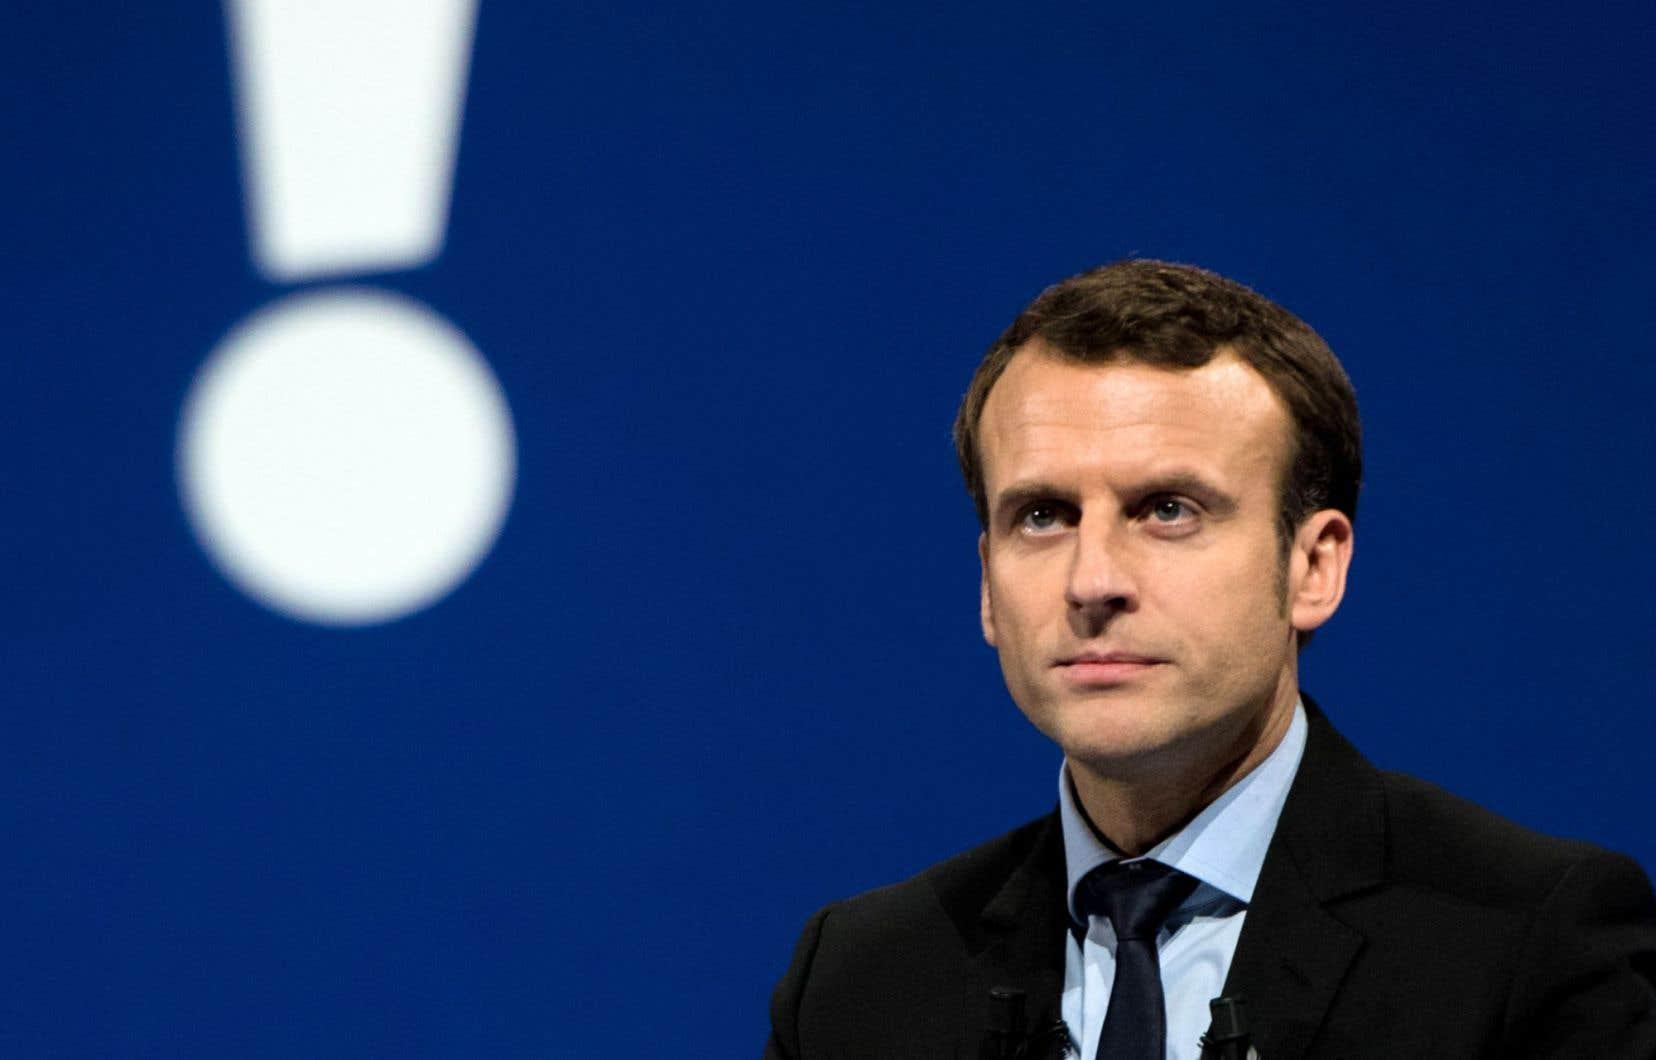 Le candidat à la primaire de la gauche française Emmanuel Macron